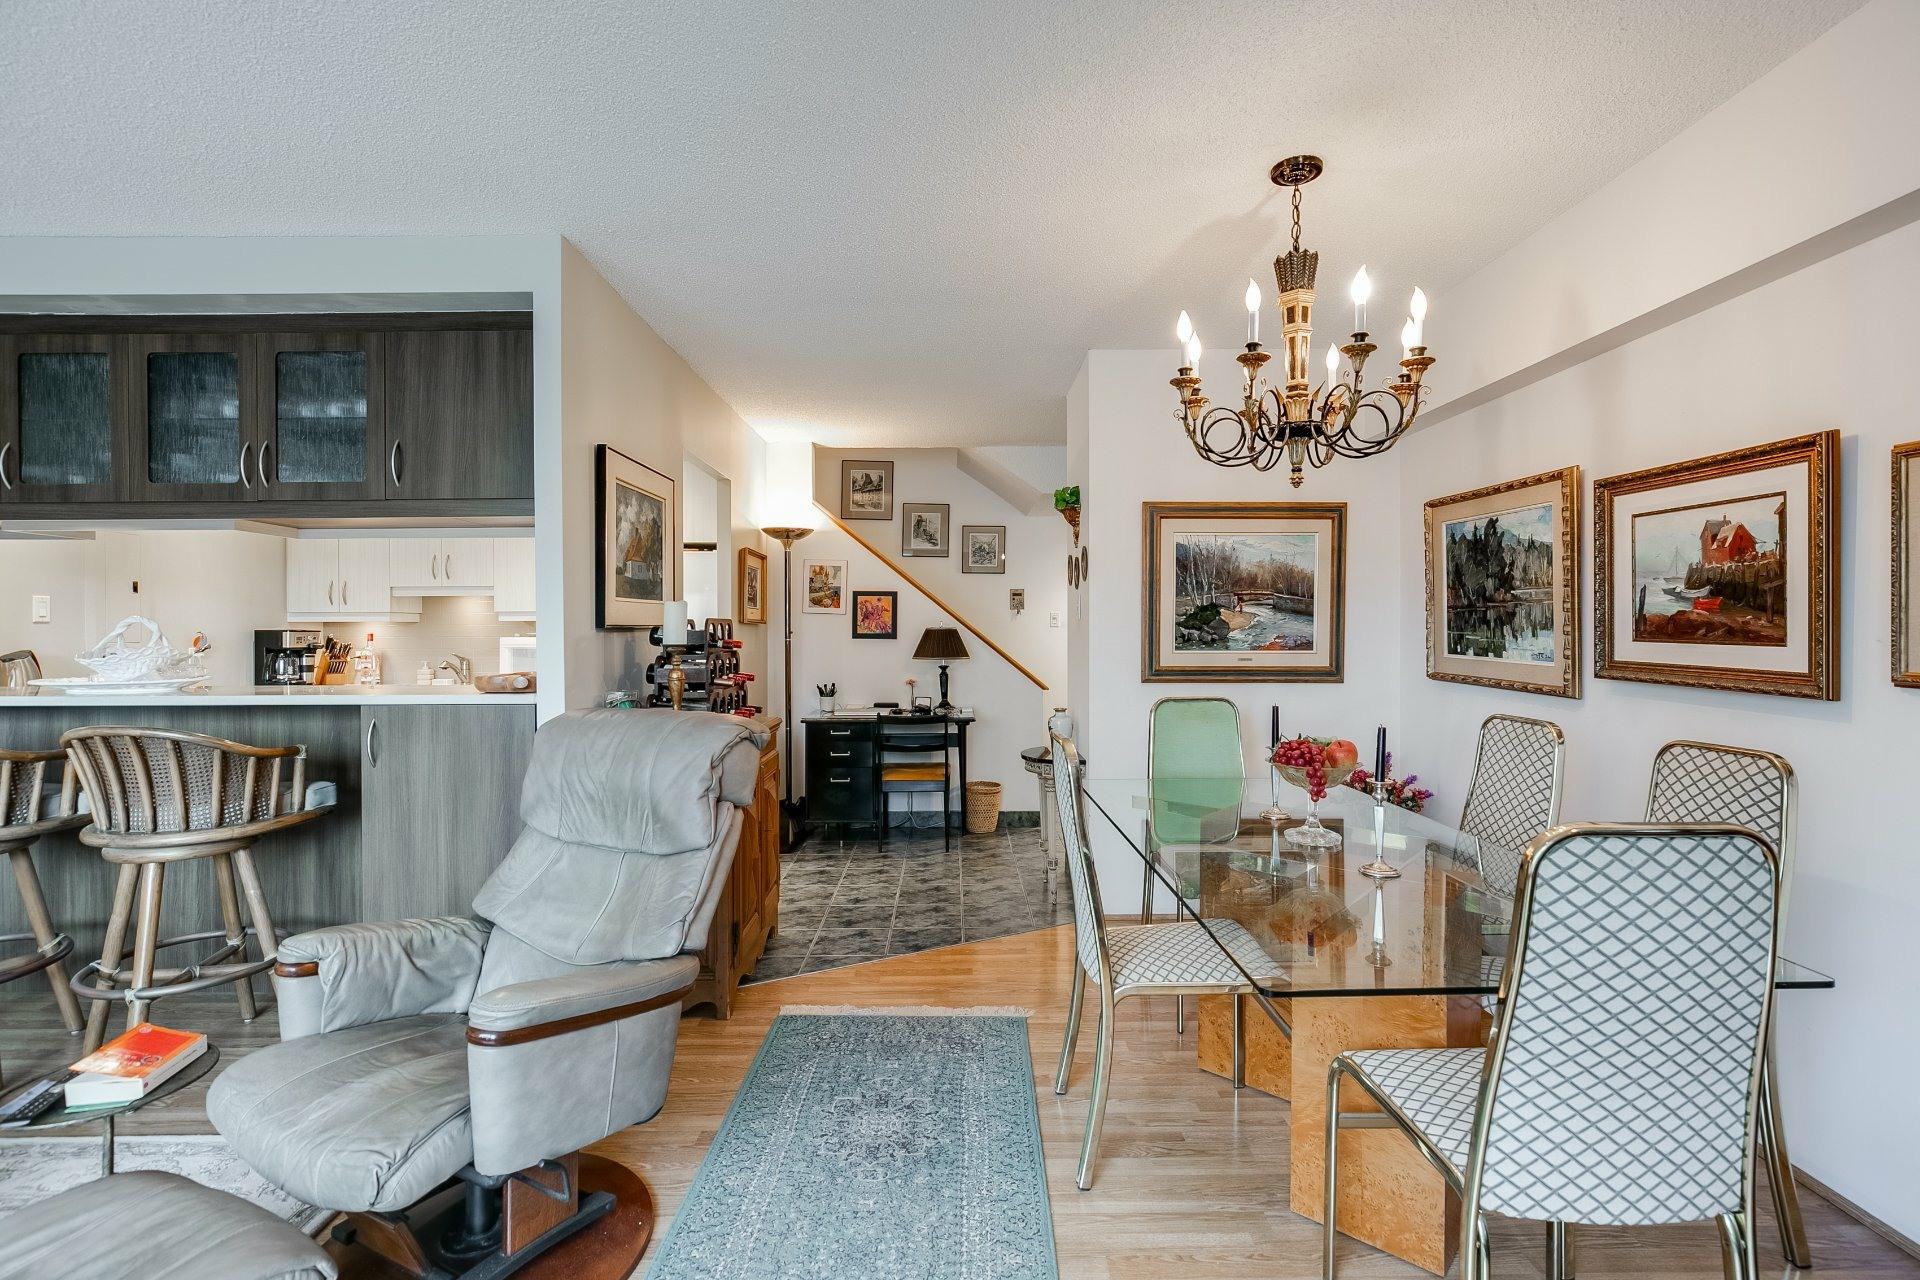 image 8 - Appartement À vendre Verdun/Île-des-Soeurs Montréal  - 6 pièces